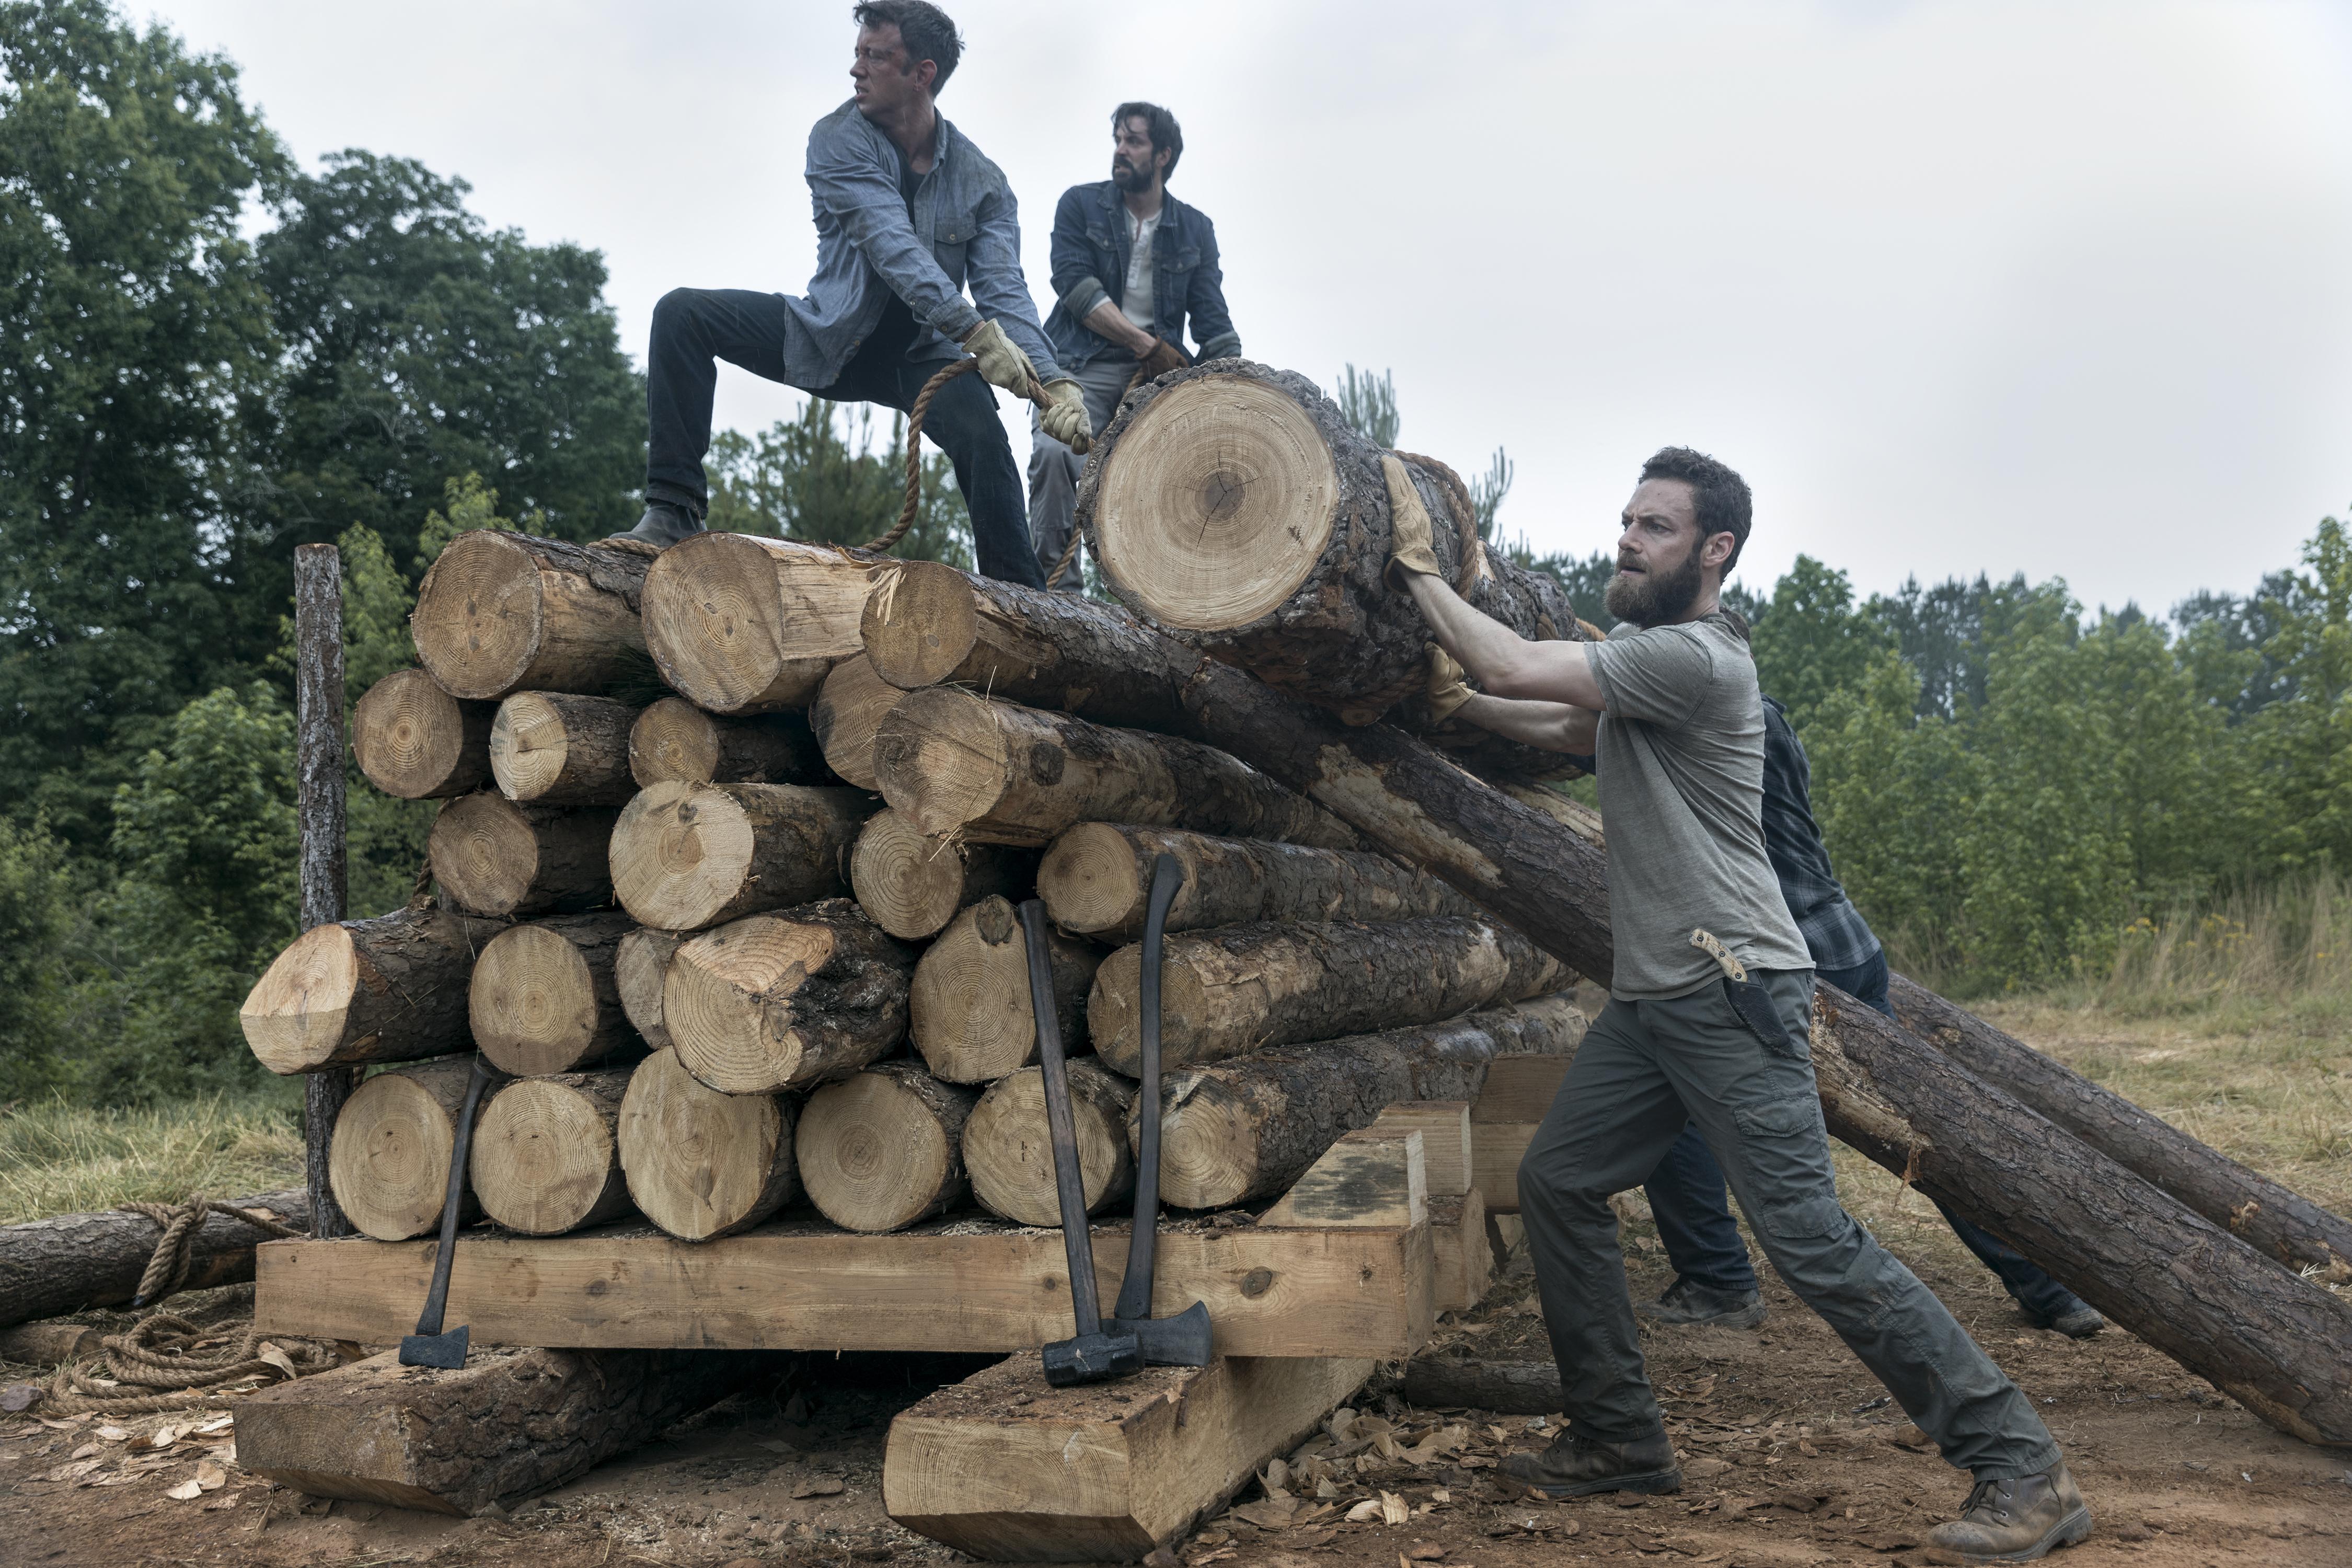 Jed (Rhys Coiro) et Aaron (Ross Marquand) travaille au site de bûchage pour produire les matériaux pour le pont - The Walking Dead Saison 9 Épisode 2 - Crédits photo: Jackson Lee Davis/AMC